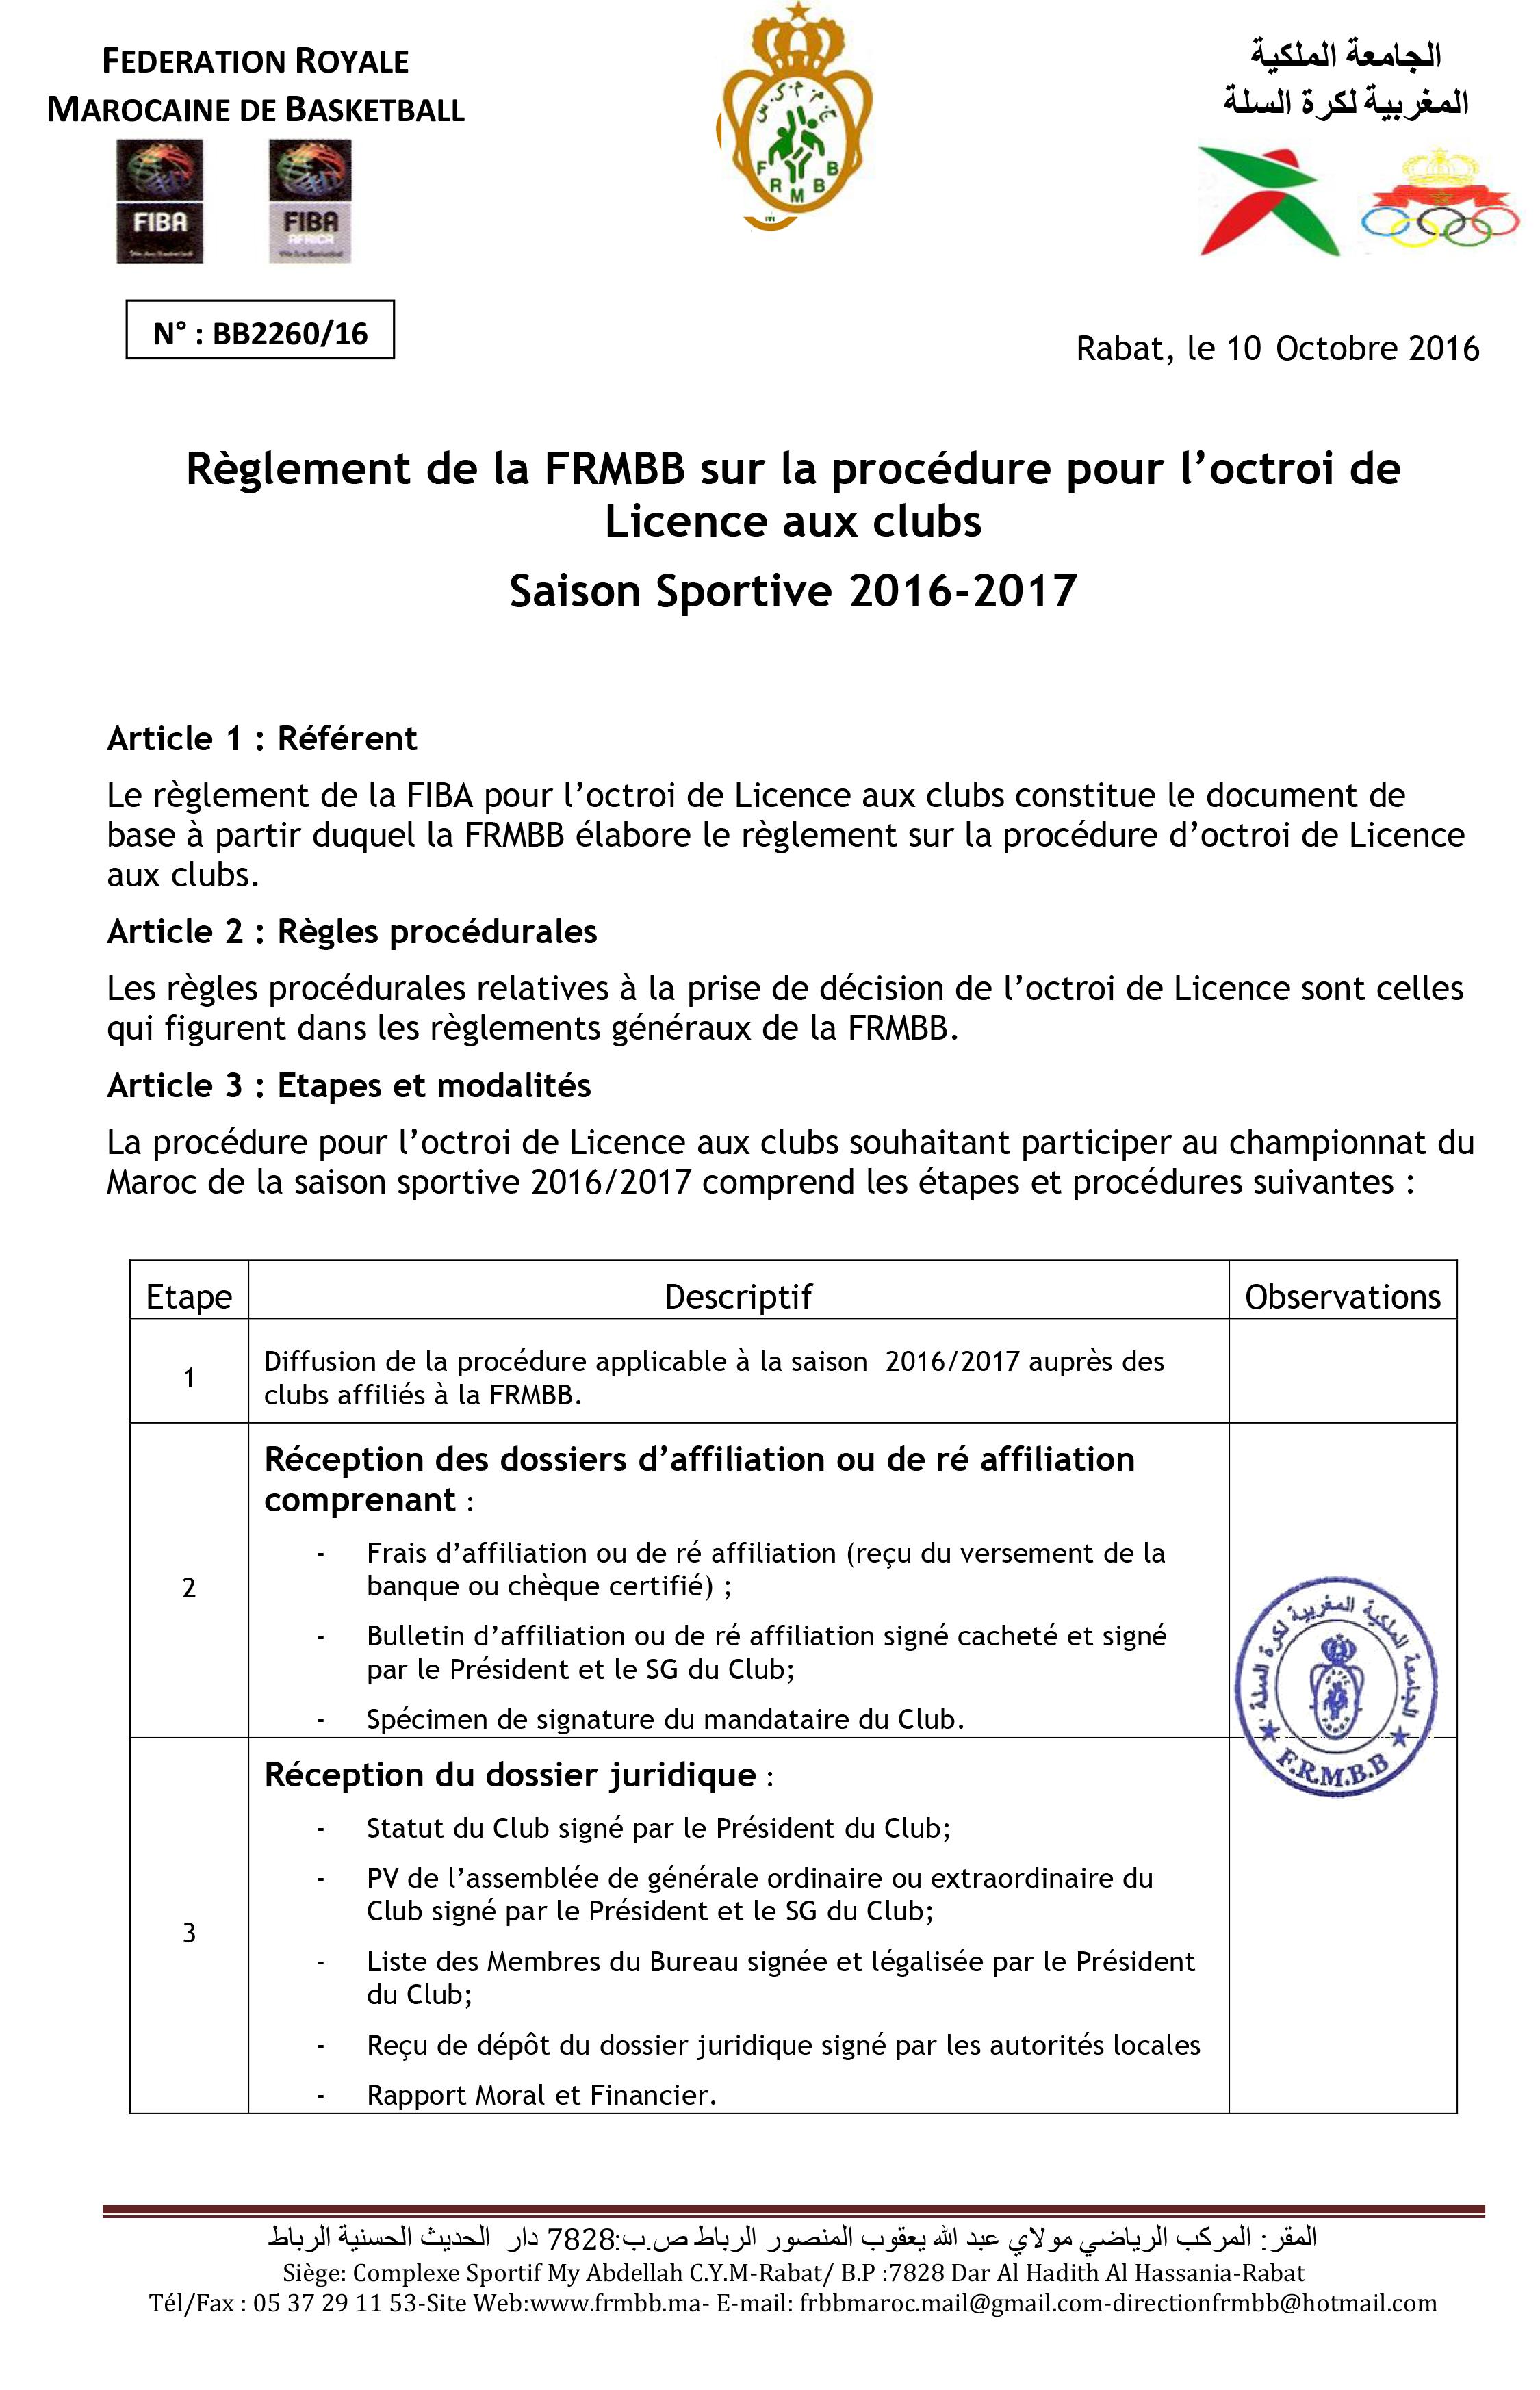 procedure-doctroi-de-licence-aux-clubs-1-copy